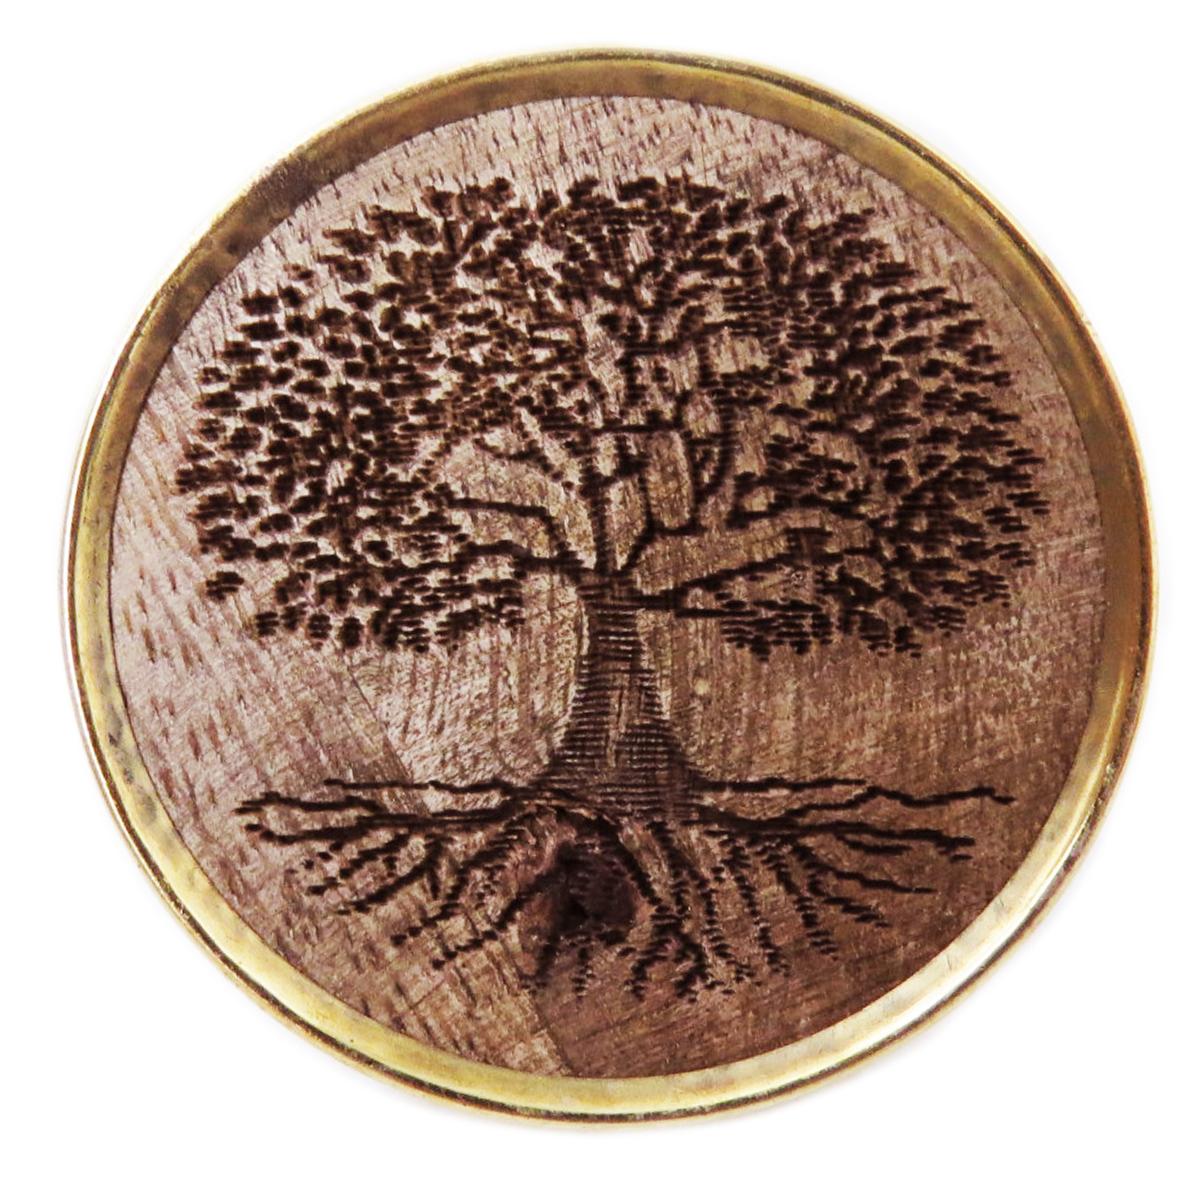 Bouton meuble bois \'Arbre de Vie\' marron doré - 65x35 mm - [A3109]